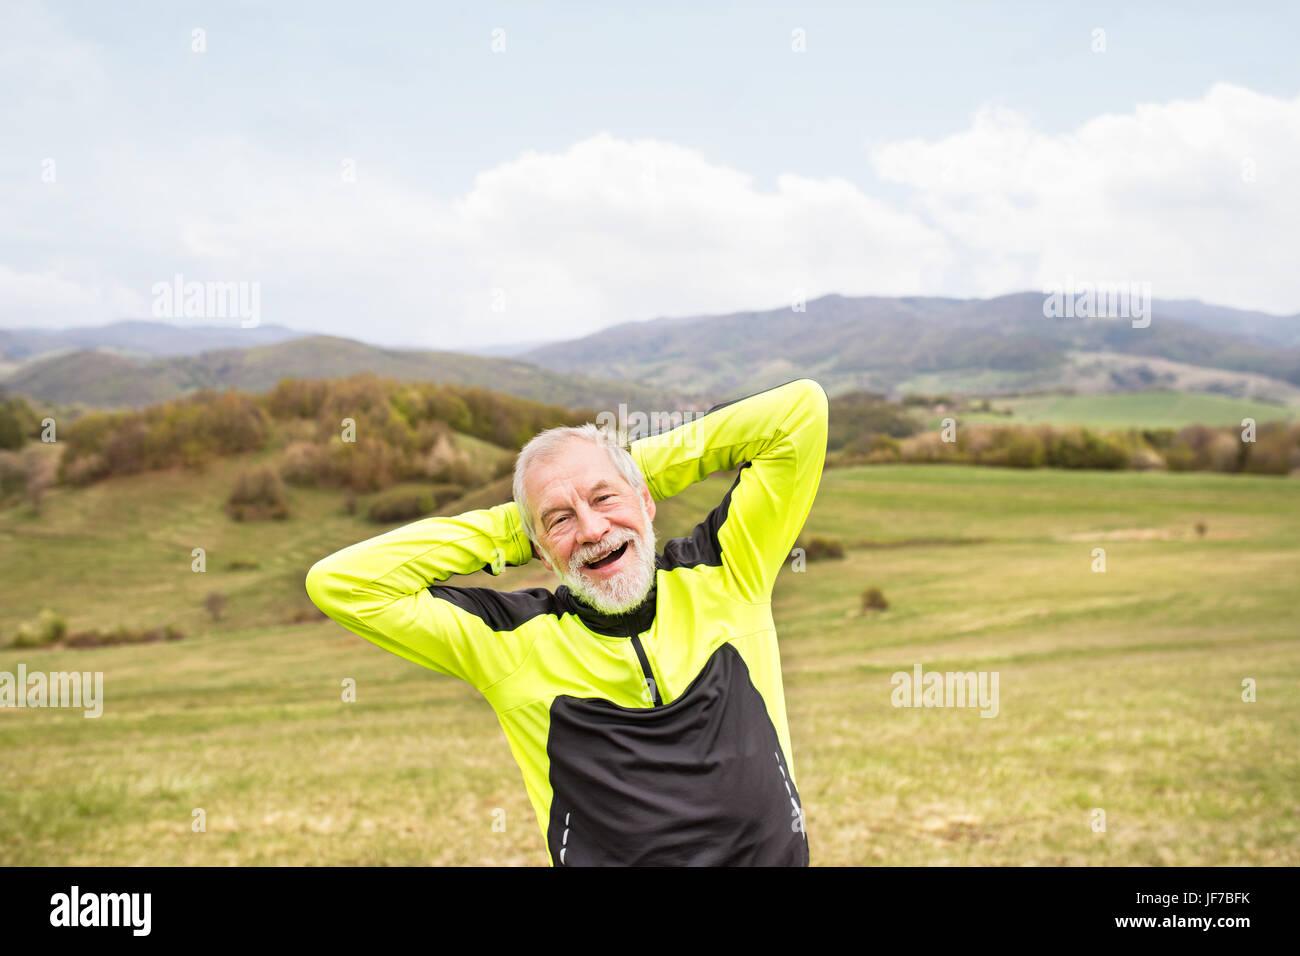 Aktive Senioren Läufer außerhalb auf grünen Hügeln, die Dehnung zu tun. Stockfoto